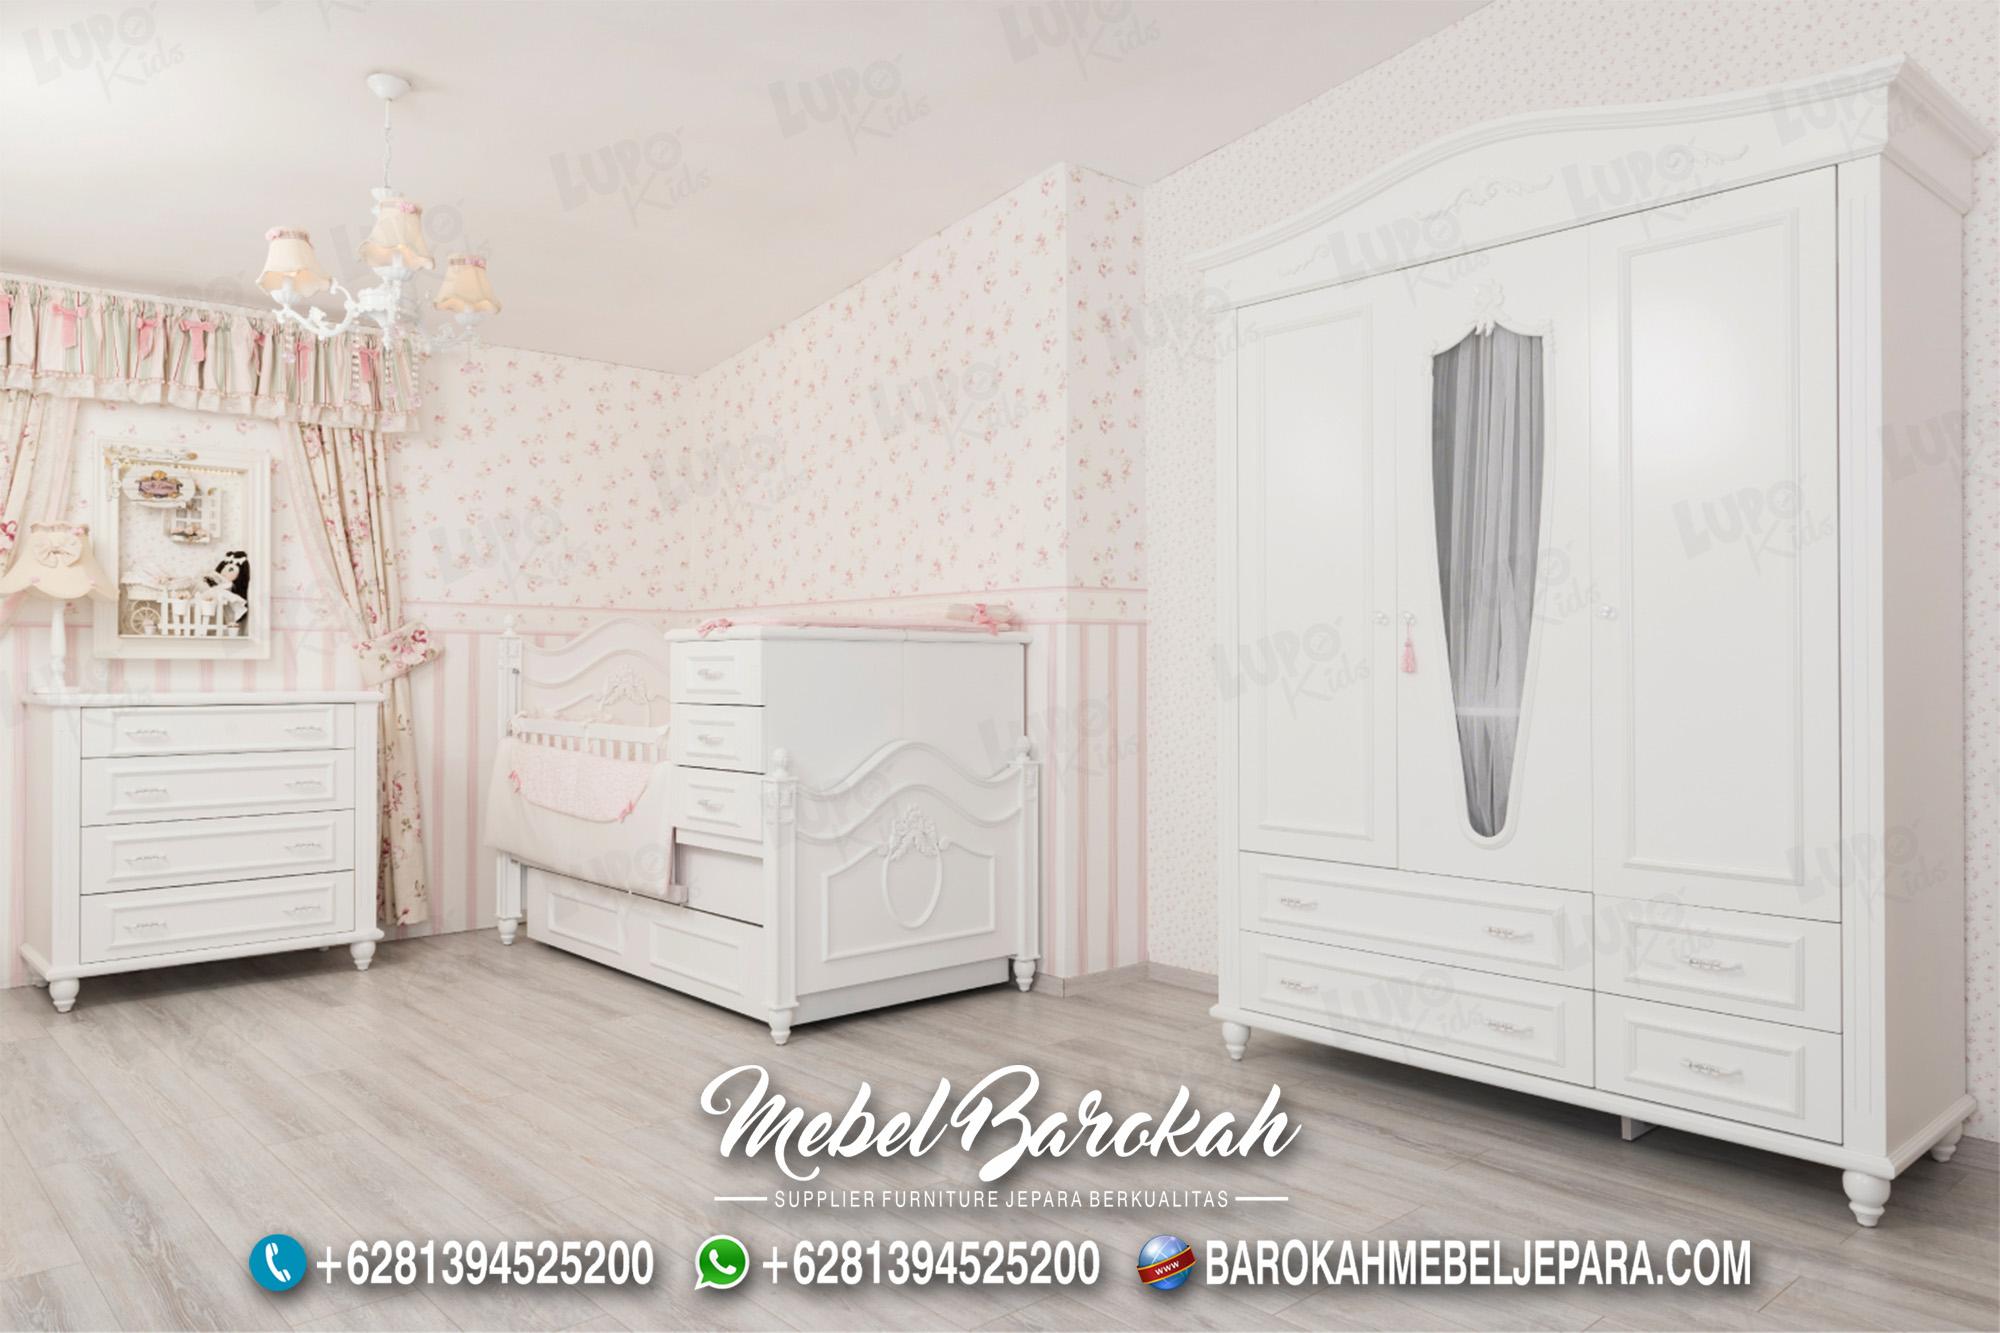 Jual Berbagai Kebutuhan Furniture Kamar Bayi MB-605